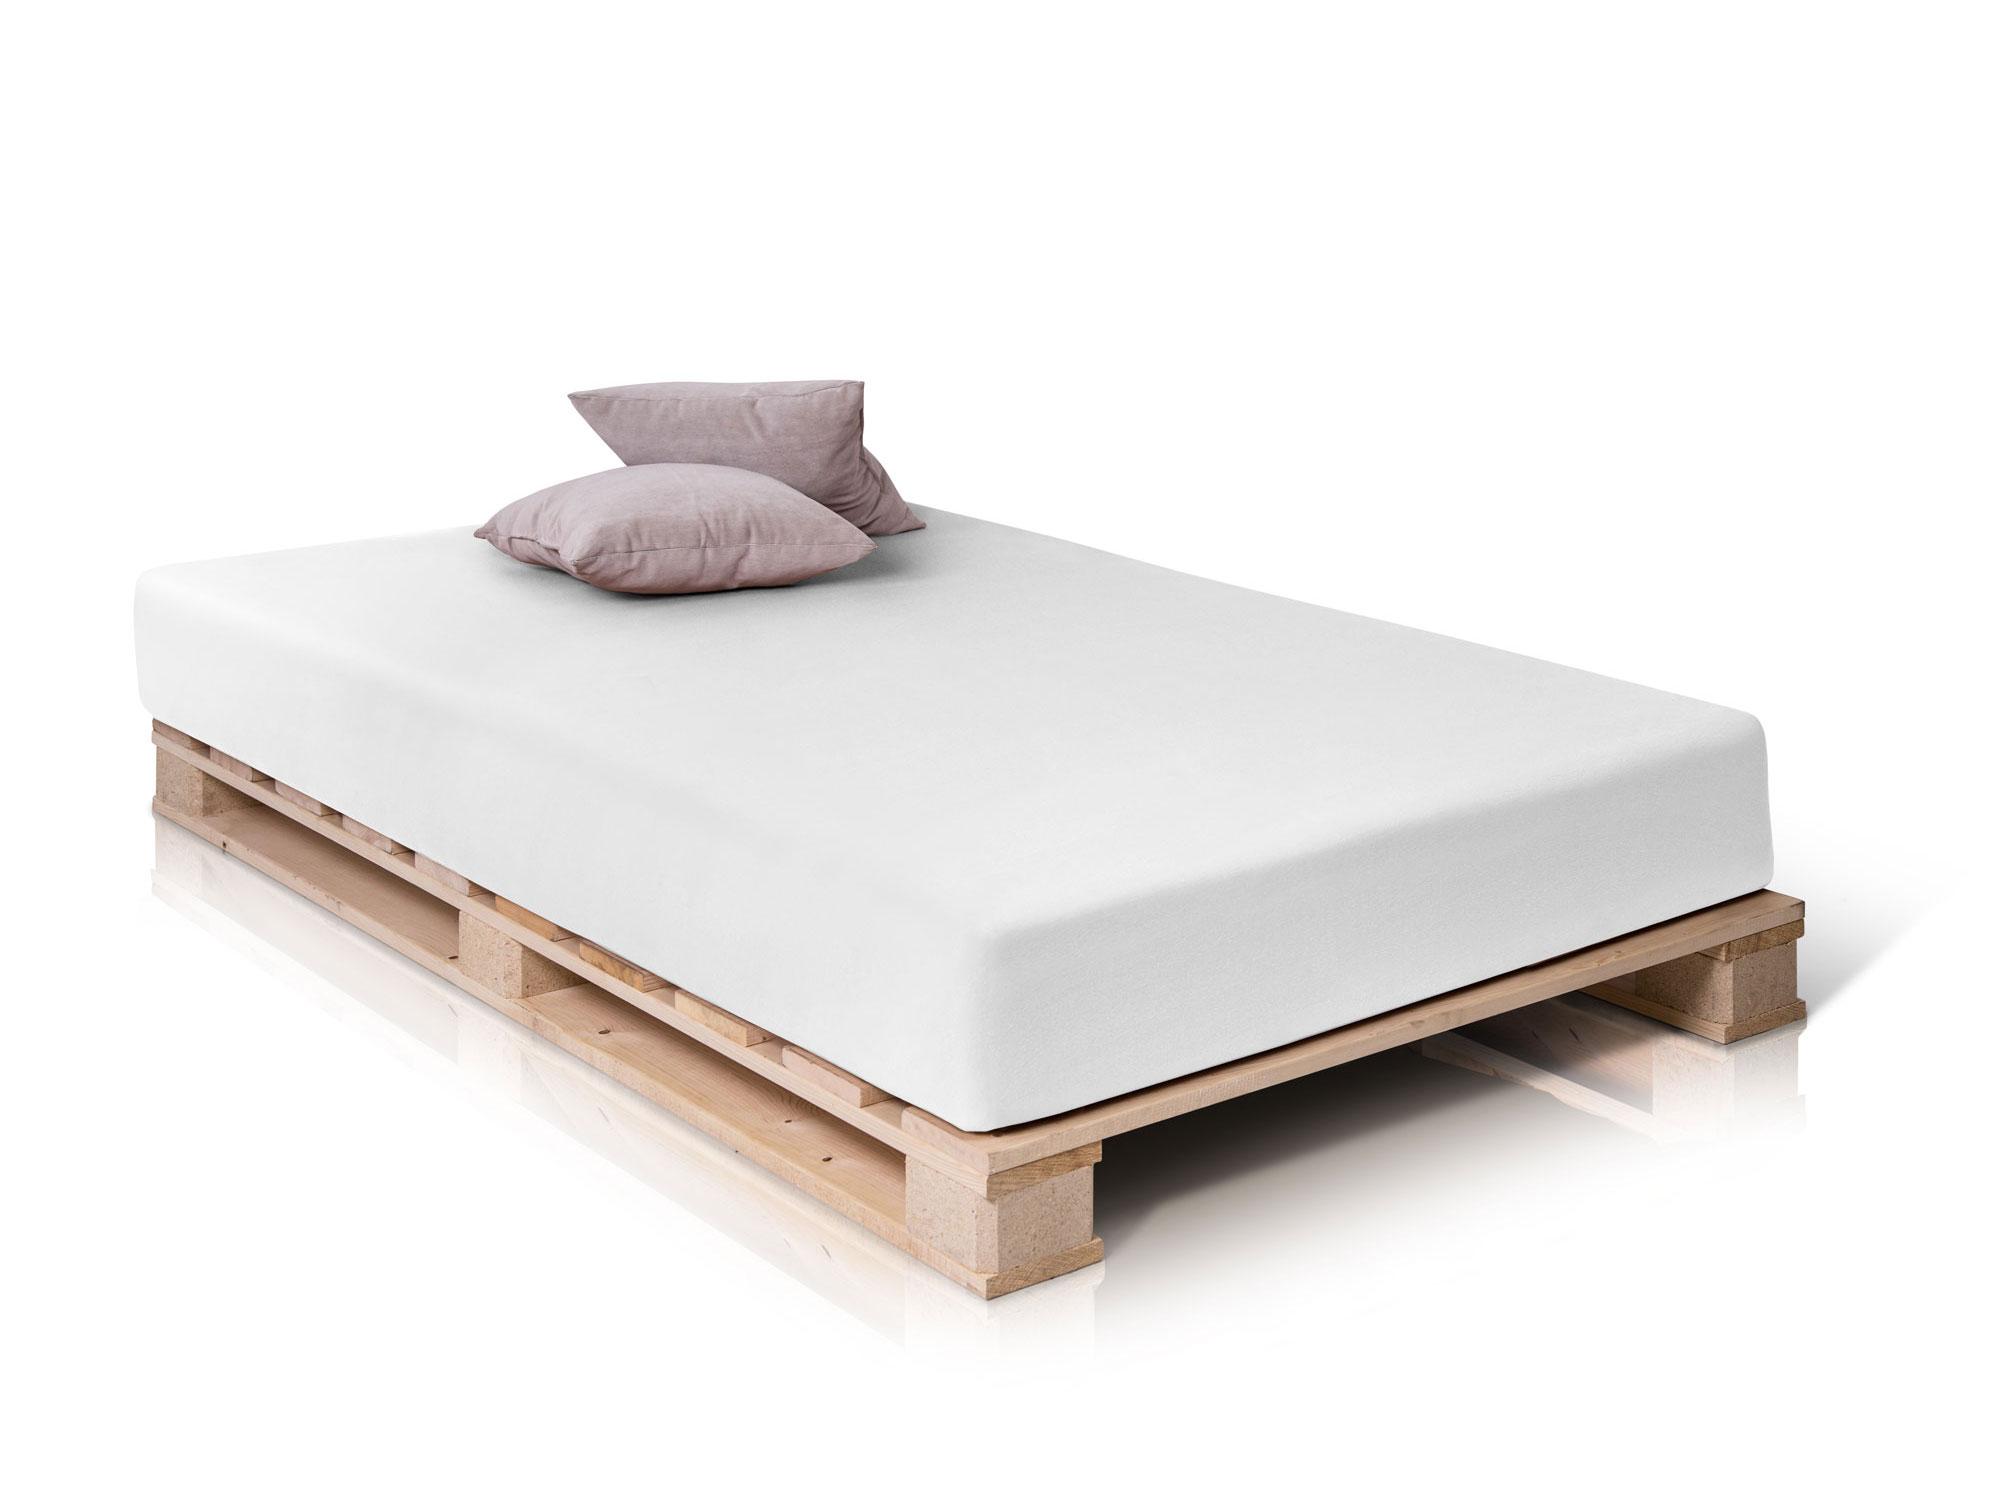 Full Size of Bett 120x200 Weiß Küche Matt Krankenhaus Inkontinenzeinlagen Schutzgitter Betten überlänge 200x220 Selber Bauen 180x200 Mit Schubladen Hunde Ausziehbar Bett Bett 120x200 Weiß